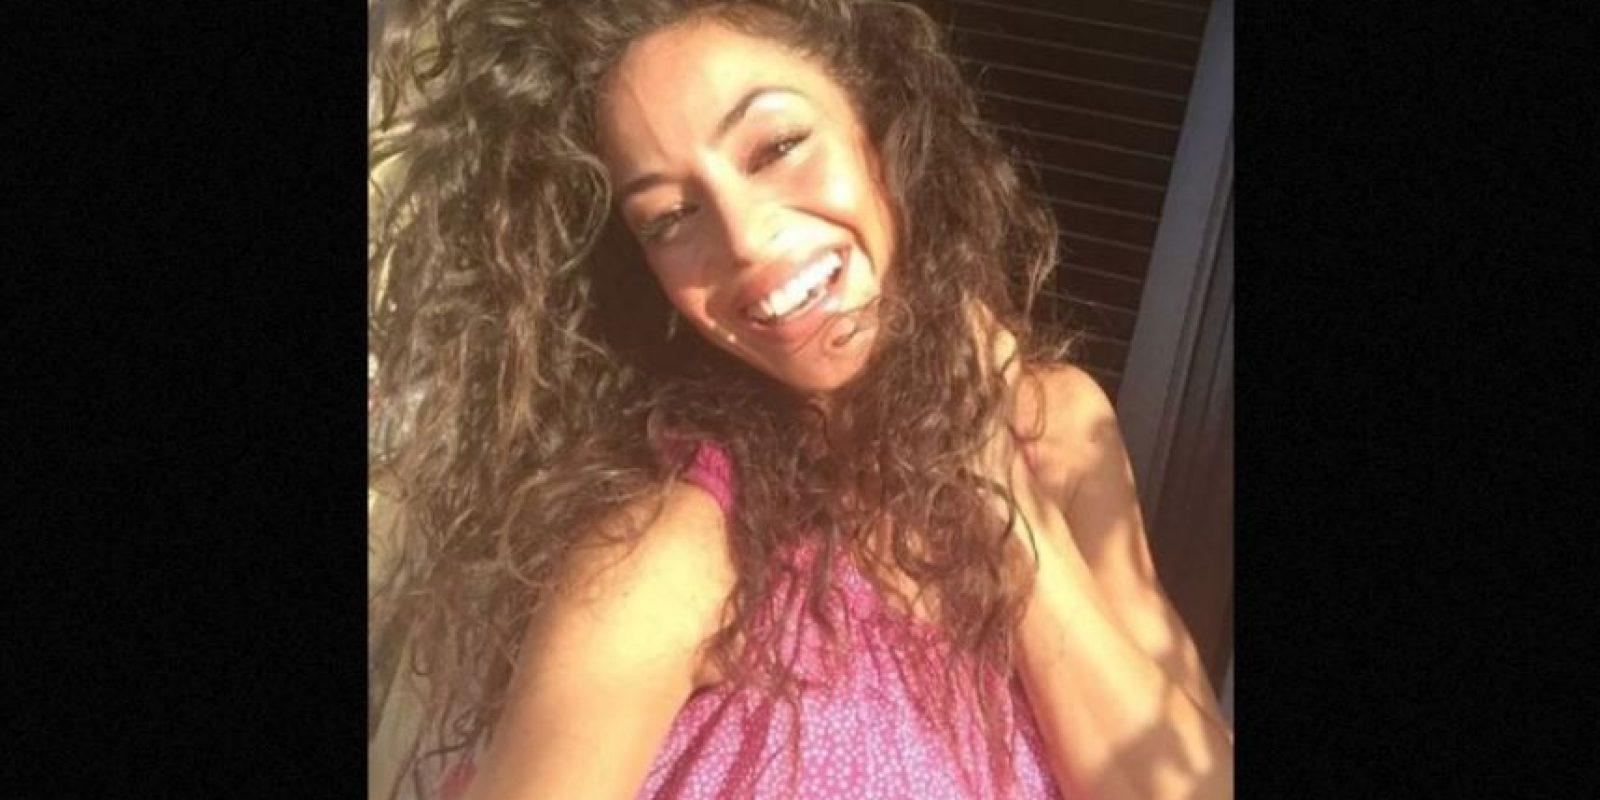 La modelo italiana ofreció su virginidad en un millón y medio de dólares. Foto:Instagram/ficoraffaella